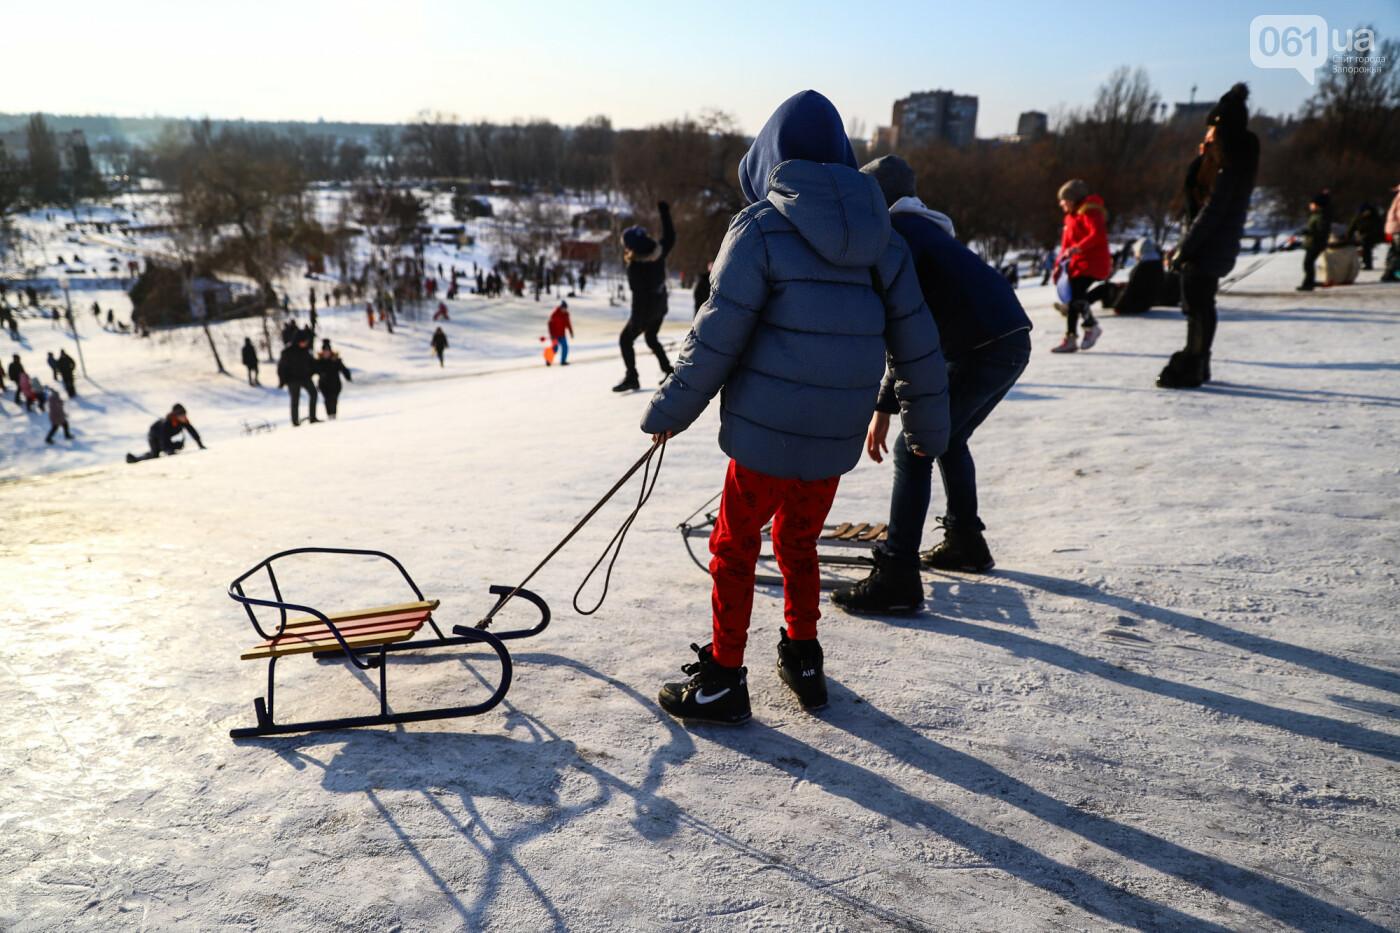 На санках, лыжах и сноуборде: запорожцы устроили массовое катание с горок в Вознесеновском парке, - ФОТОРЕПОРТАЖ, фото-17